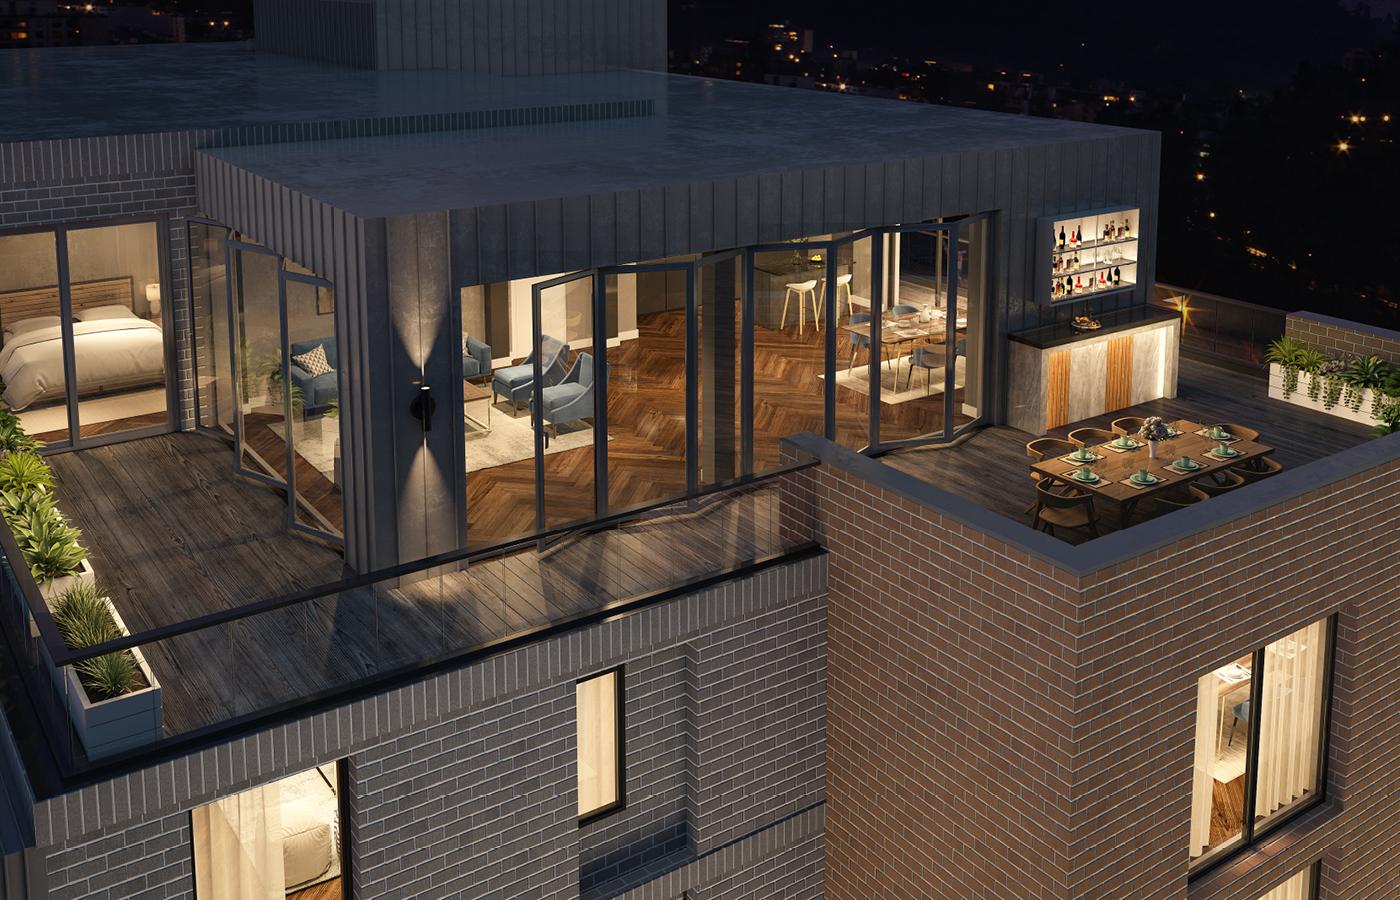 luxury apartment nottingham trent bridge quays balcony view night